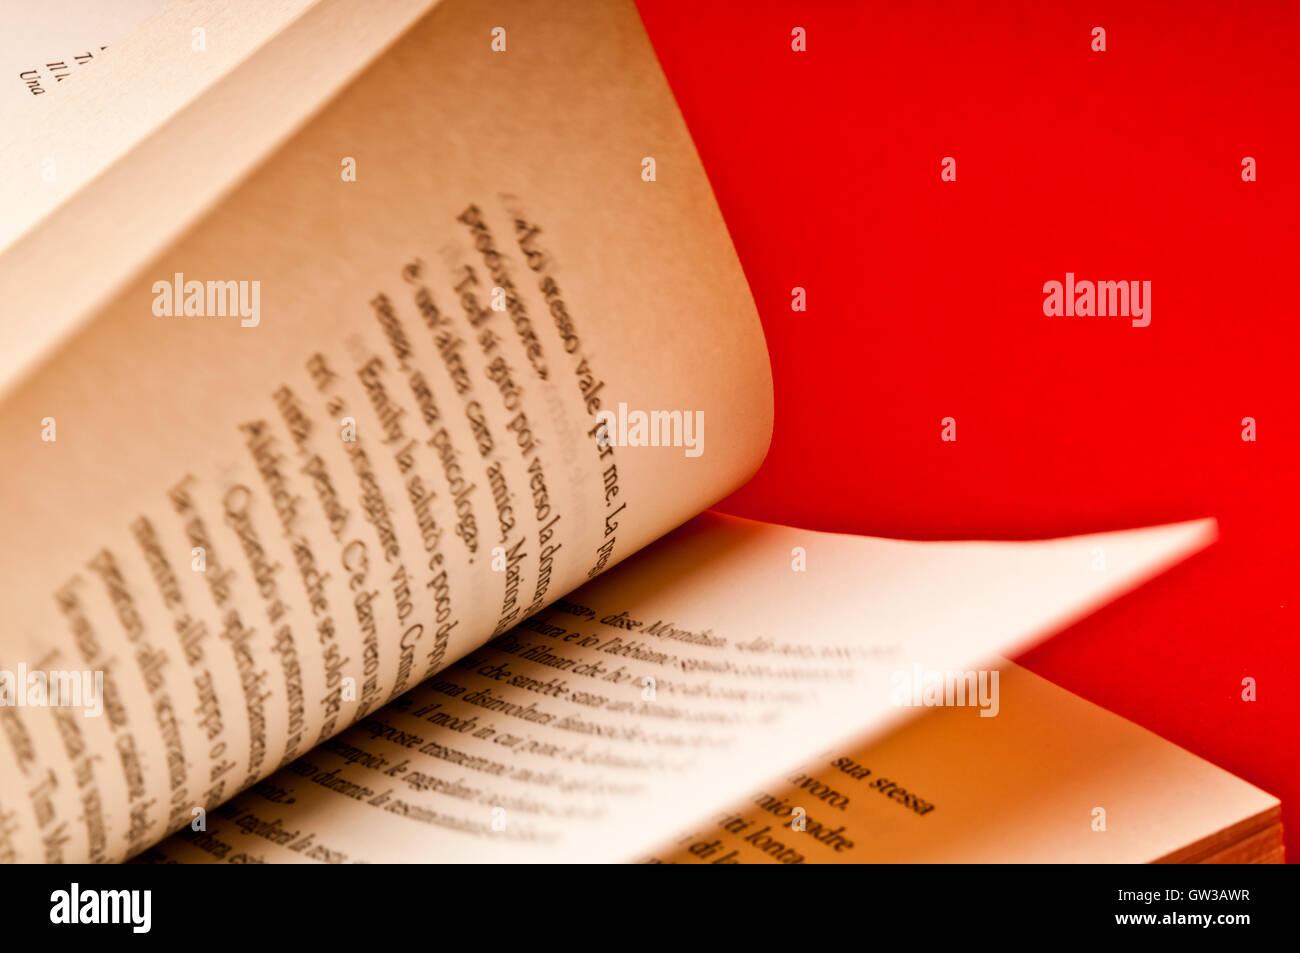 Des pages de livre retourné Photo Stock